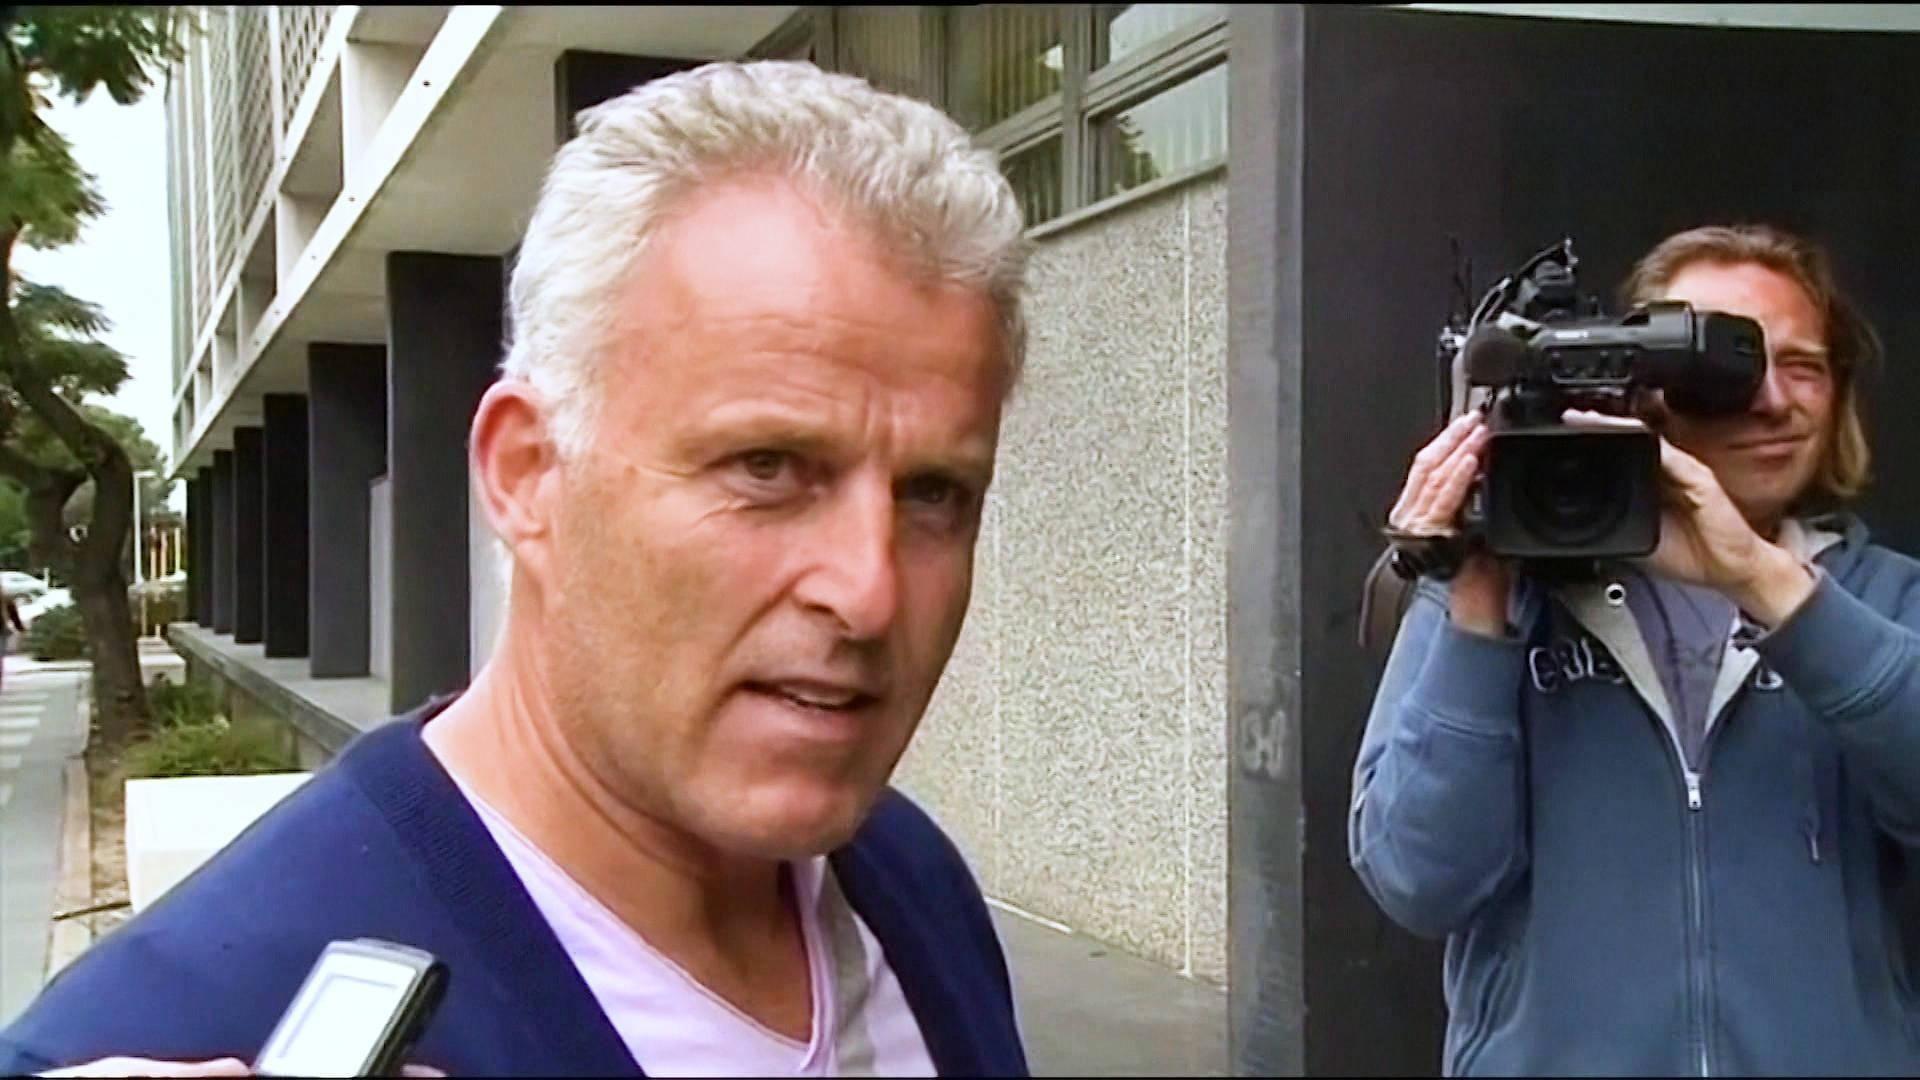 Ολλανδία: Κατέληξε ο δημοσιογράφος Πέτερ Ντε Βρις, ο οποίος είχε δεχτεί πυροβολισμούς